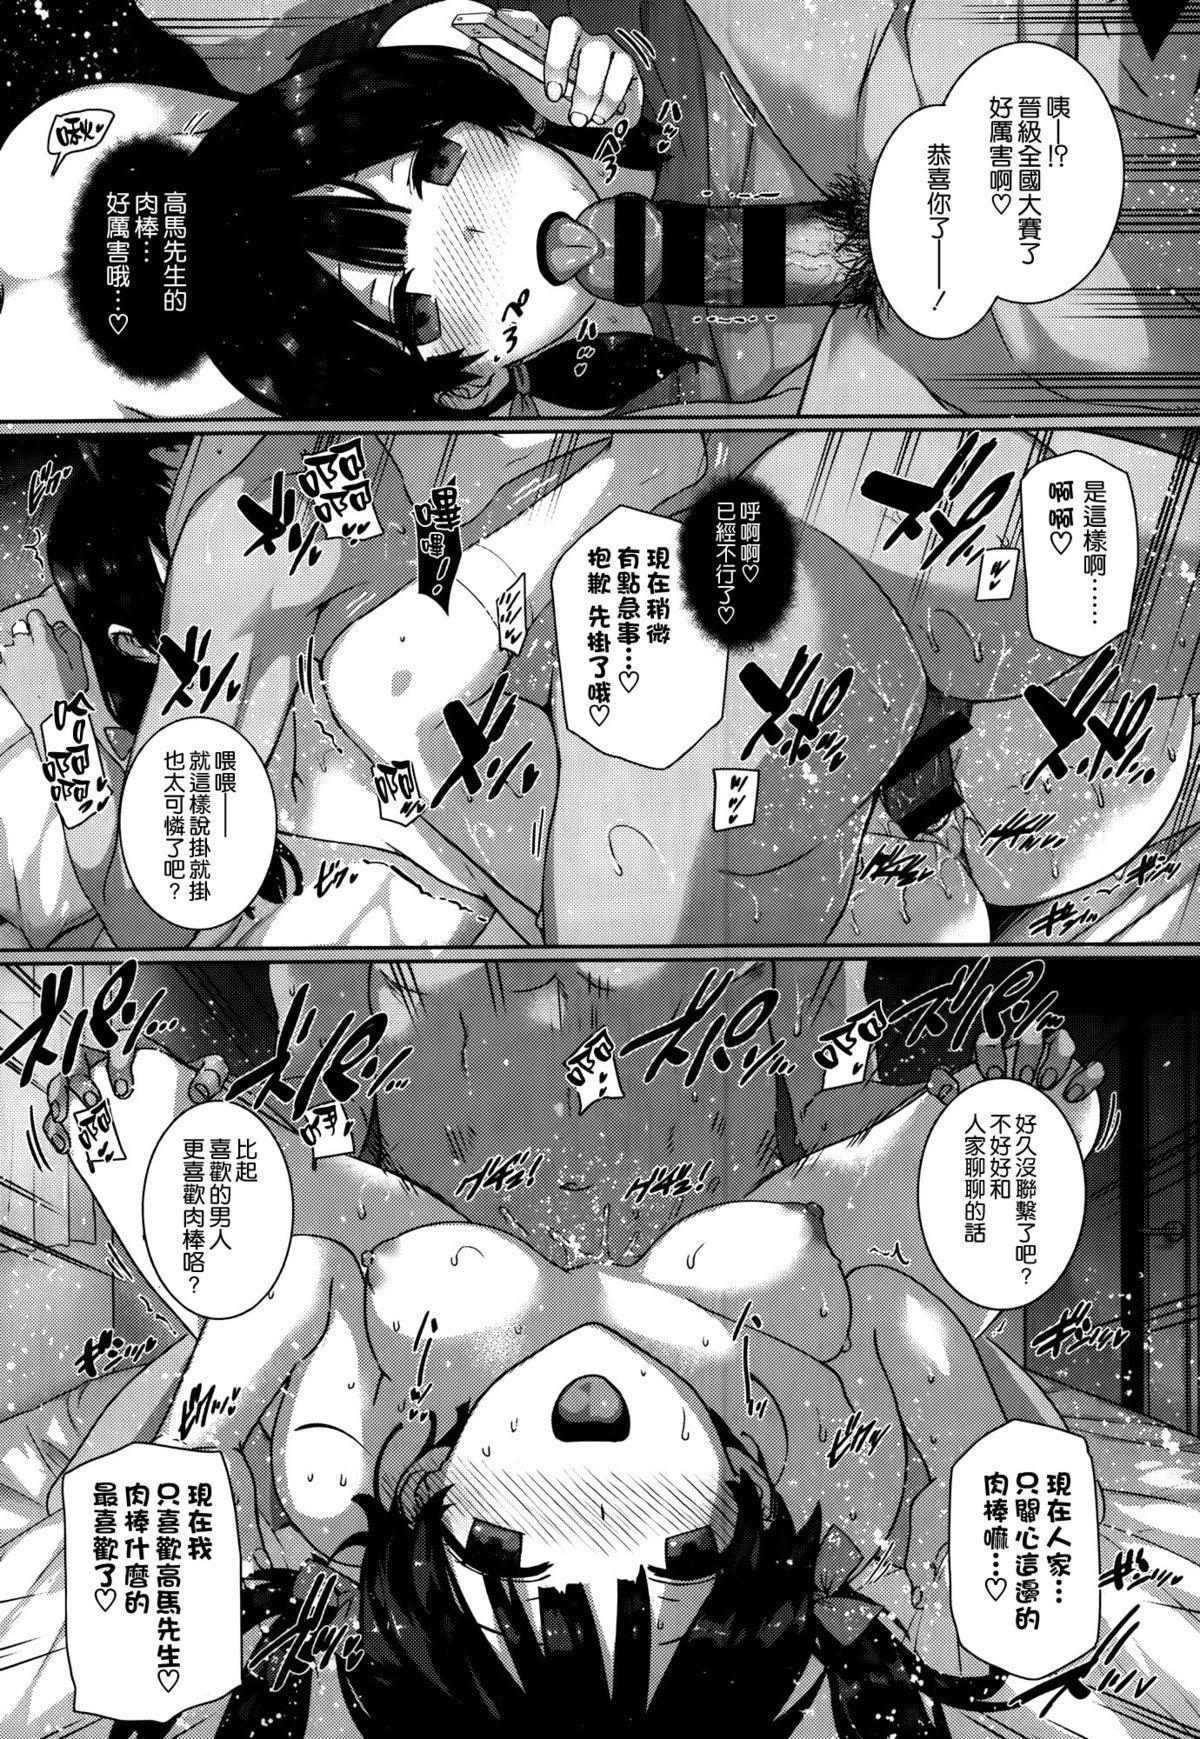 Amatsuka Gakuen no Ryoukan Seikatsu 5